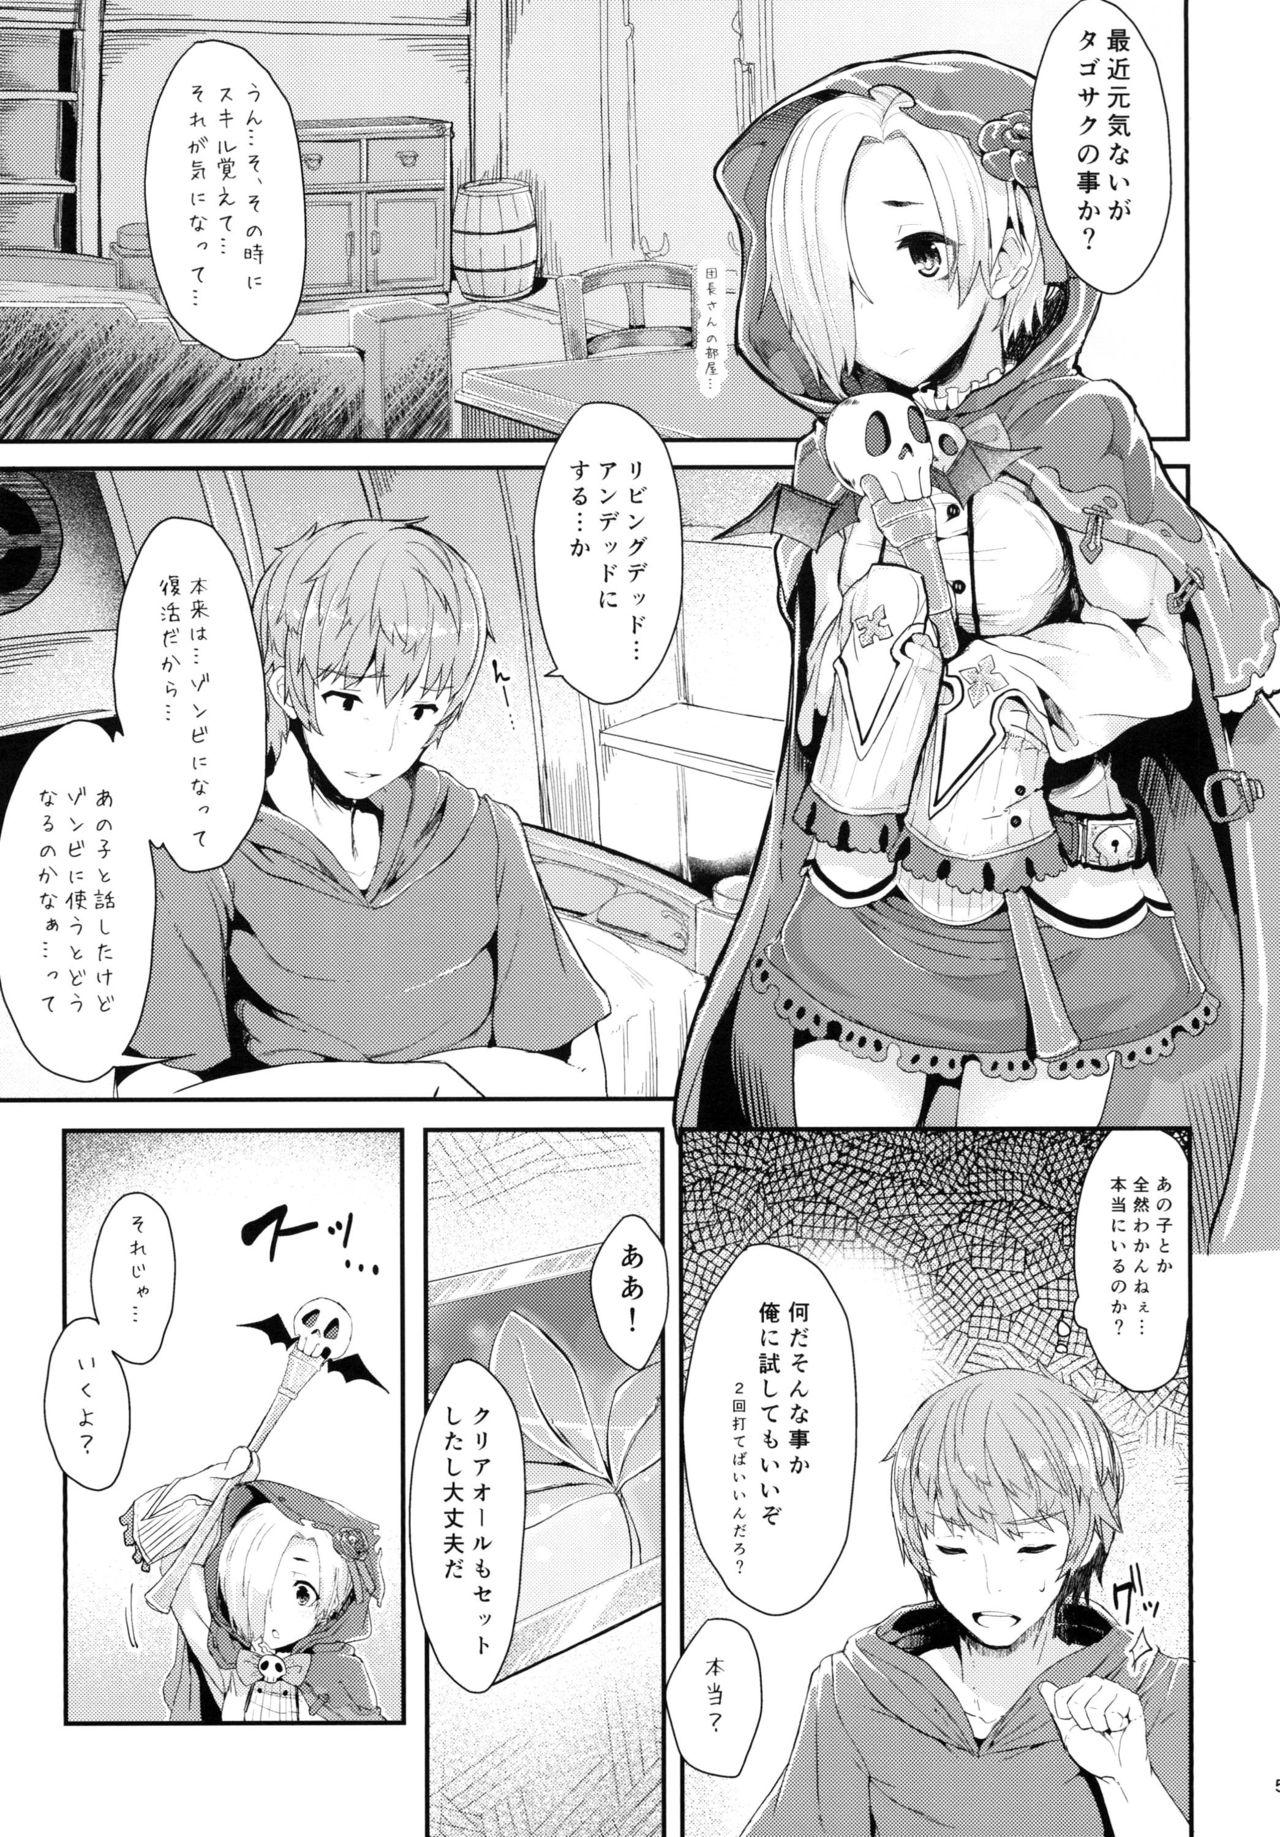 Koume-chan to Zombiex 4